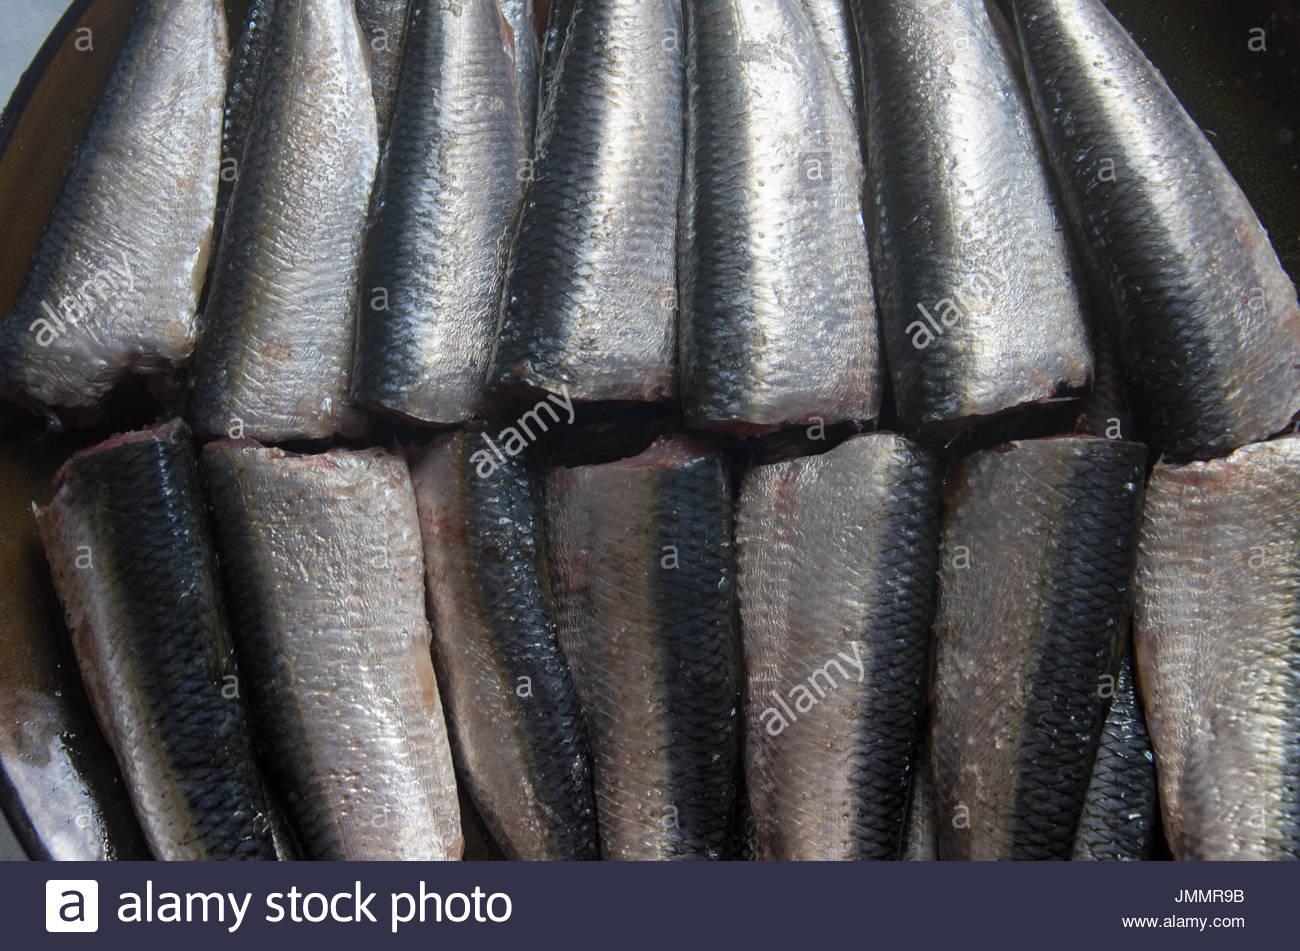 Raw sardines on plate. - Stock Image